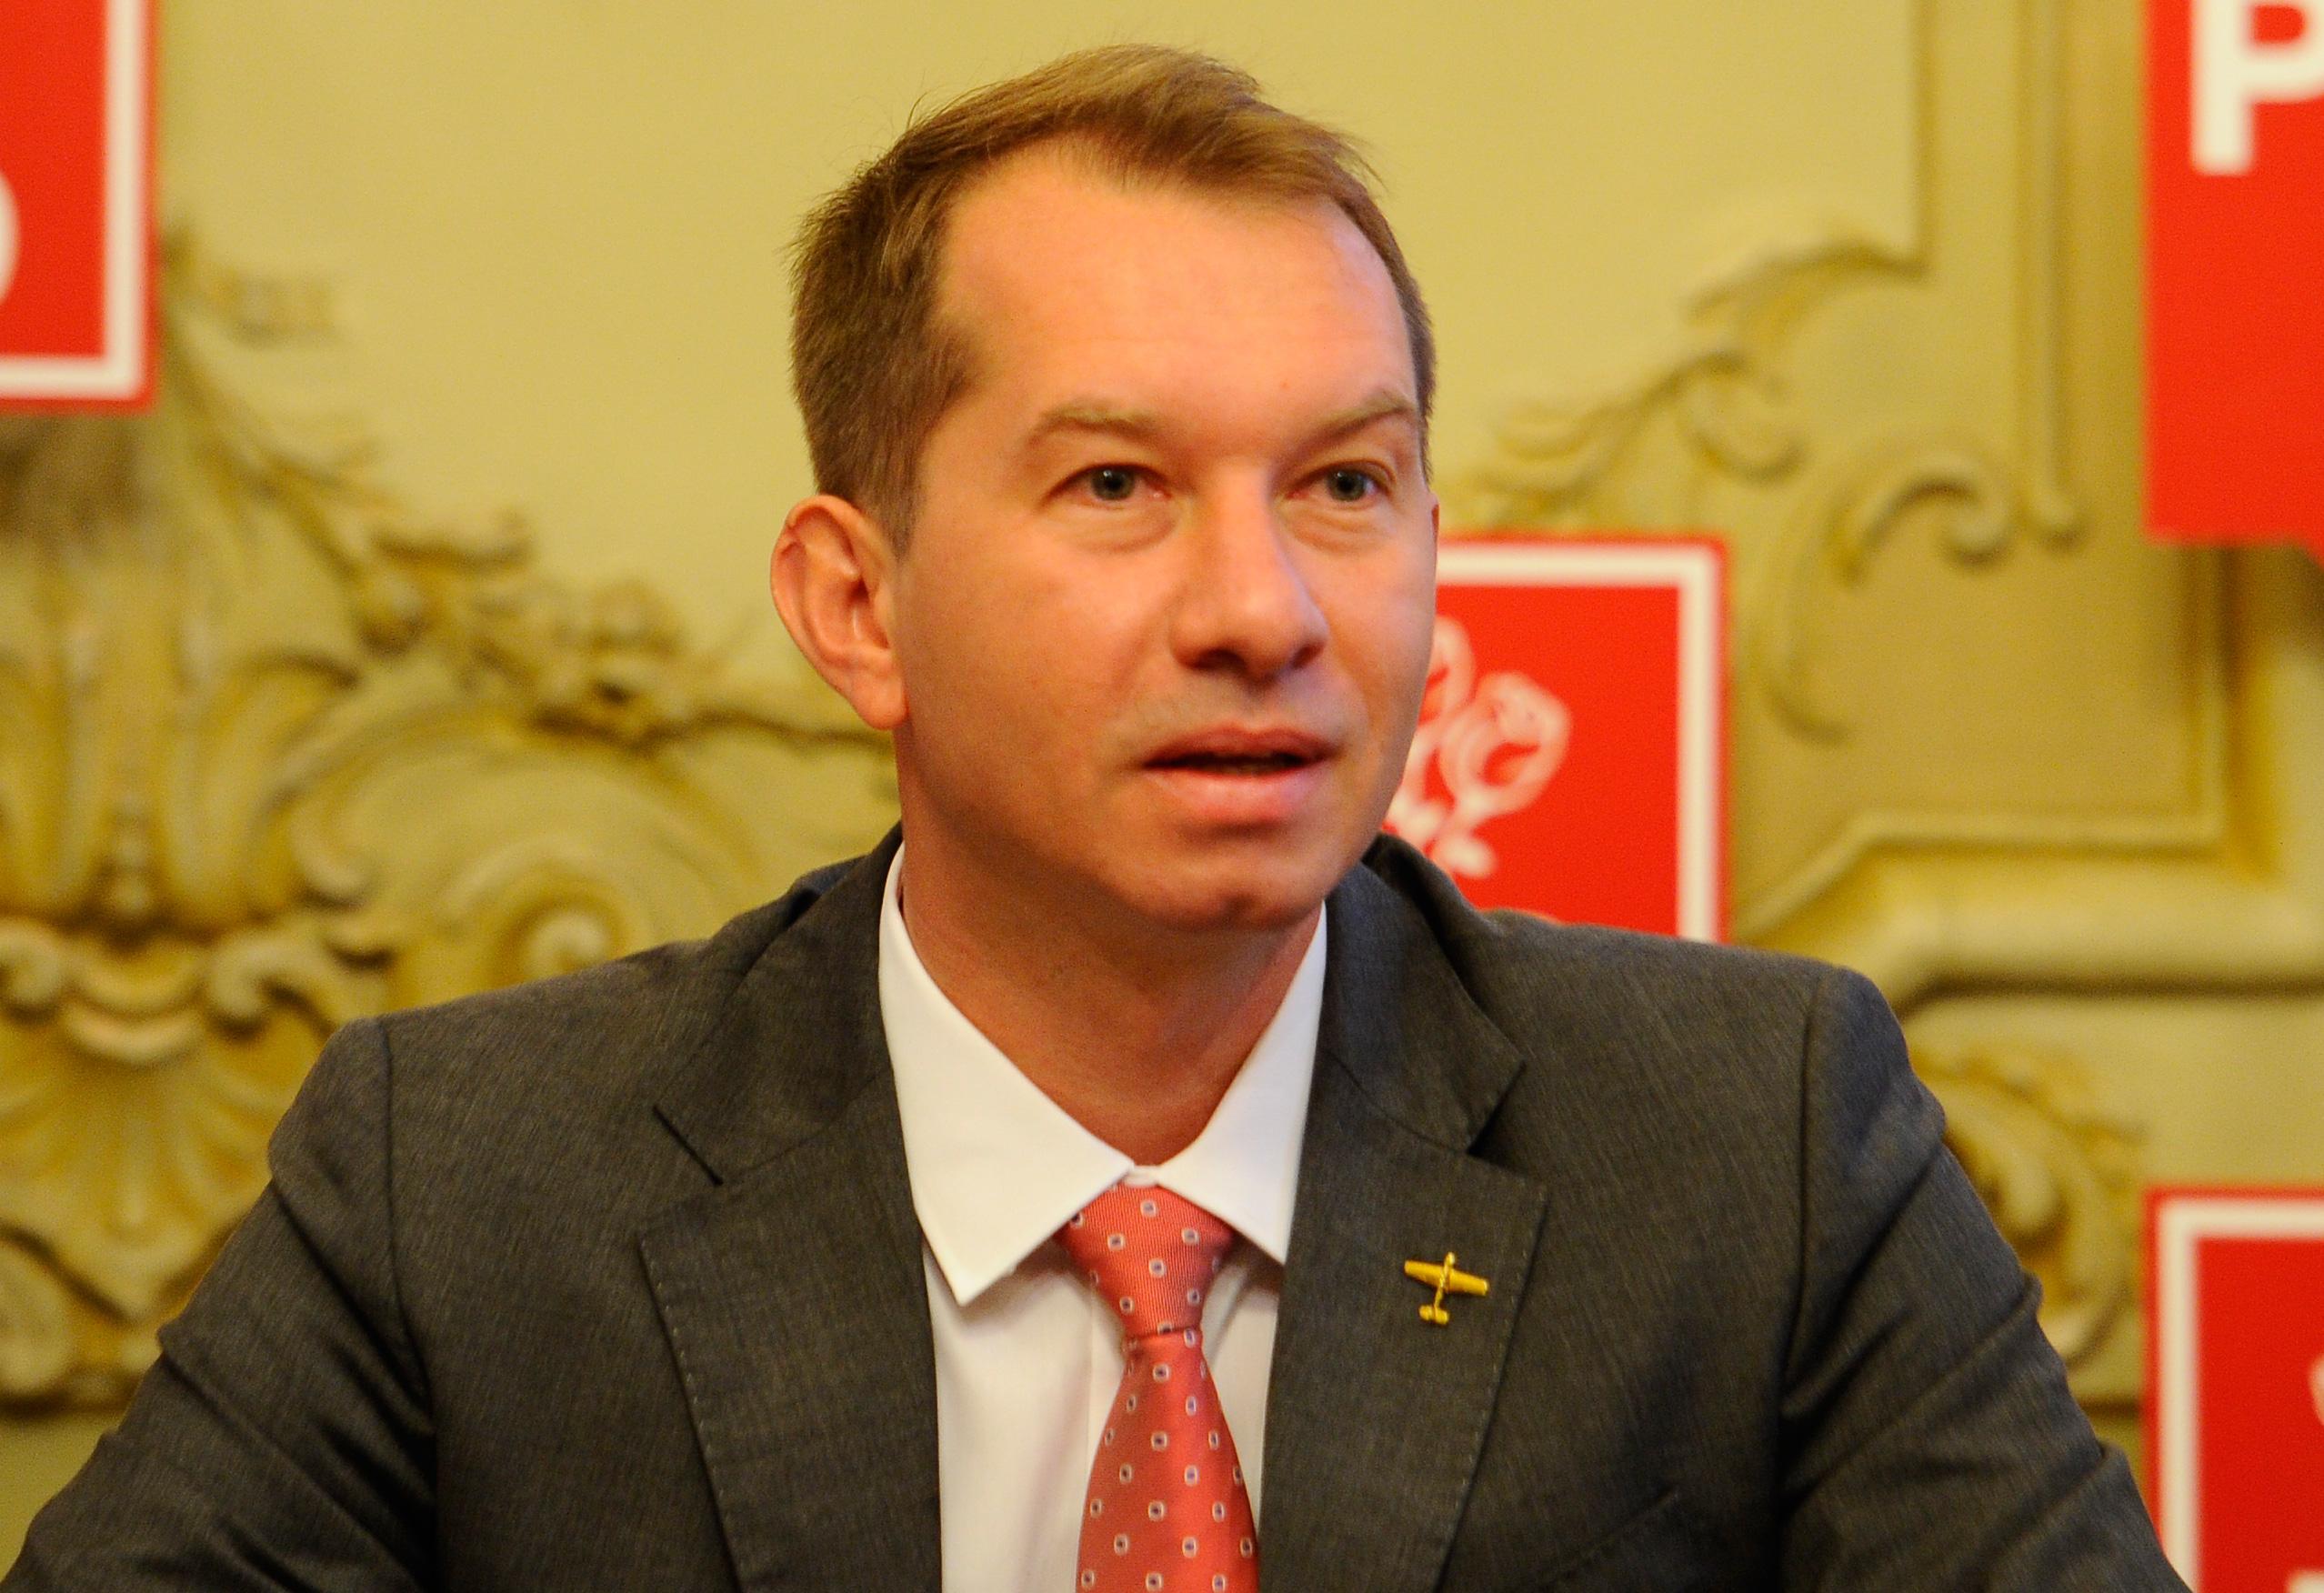 Mihai Sturzu